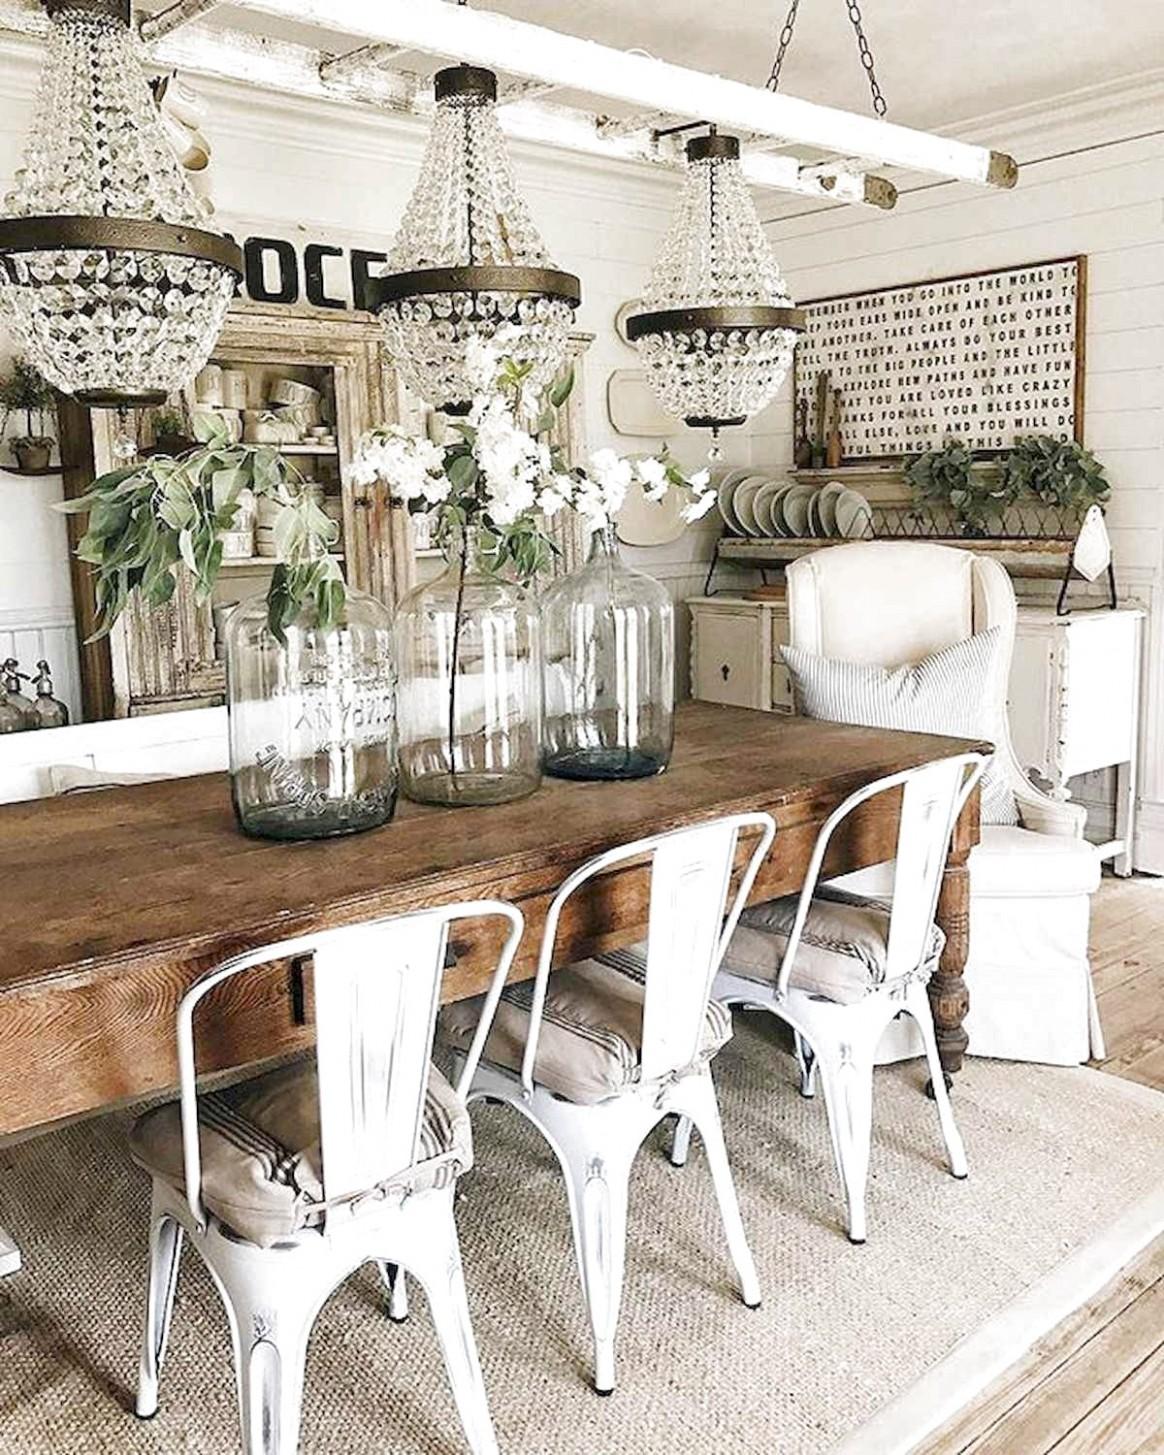 10 Modern Farmhouse Dining Room Table Ideas Decor And Makeover  - Dining Room Ideas Modern Farmhouse